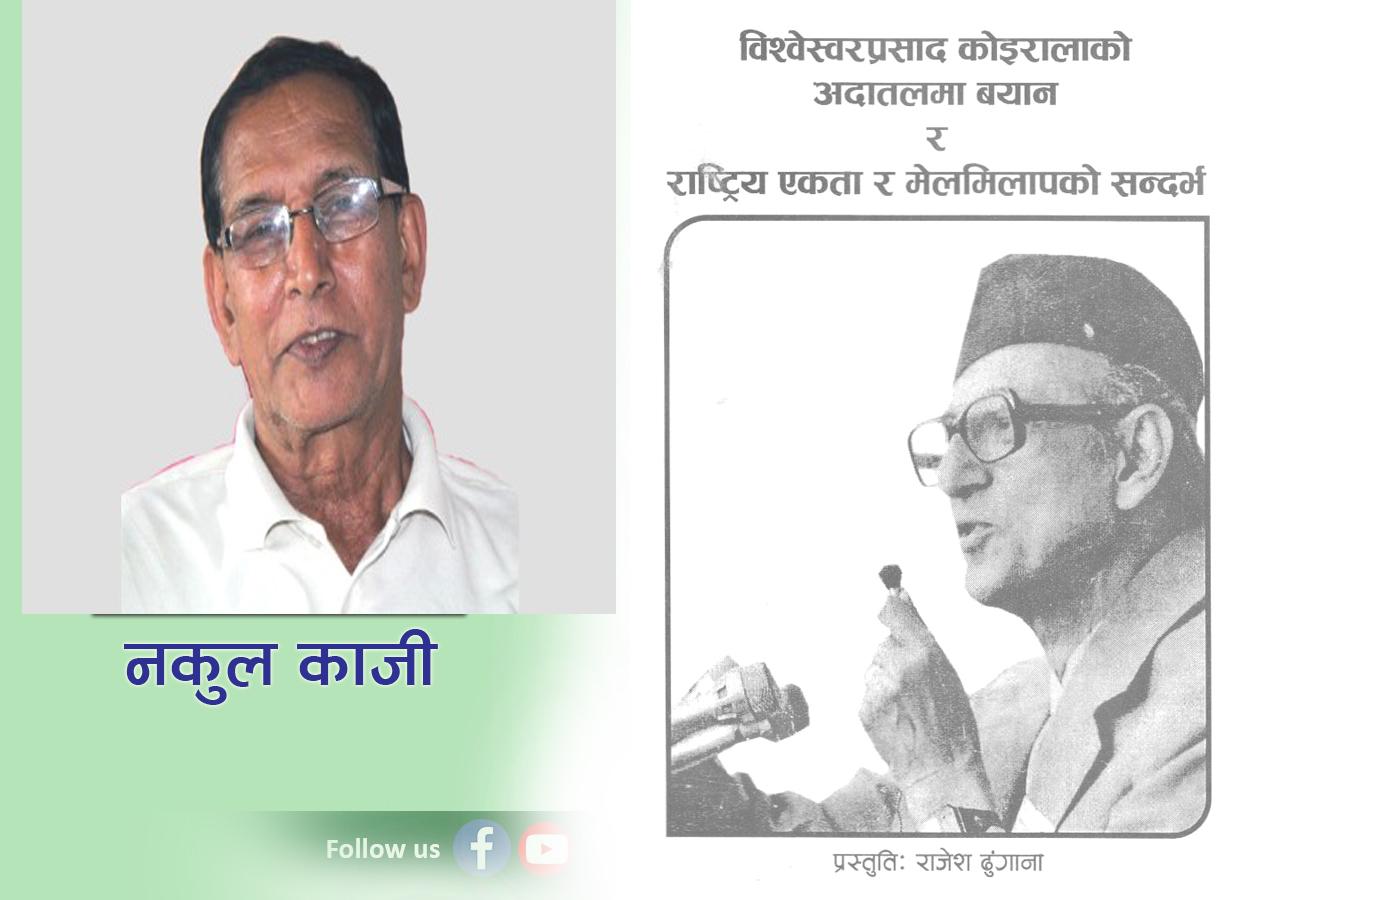 प्रजातन्त्रका उपस्थापक जननायक बी.पी.लाई बुझ्ने किताब :: Times of Pradesh